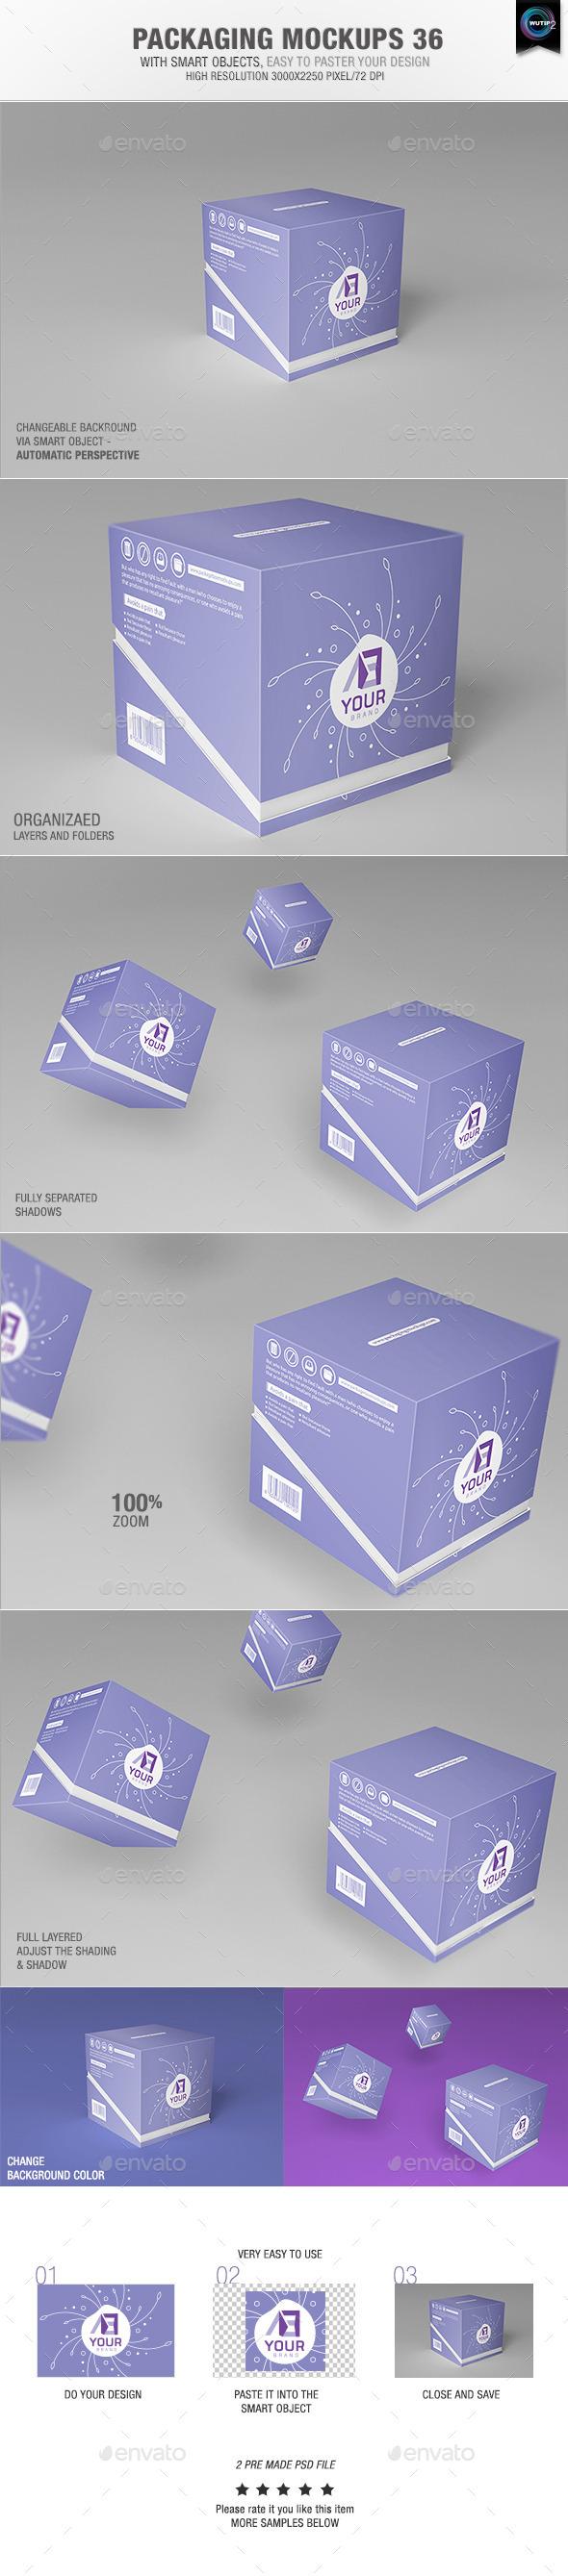 Packaging Mock-ups 36 - Packaging Product Mock-Ups